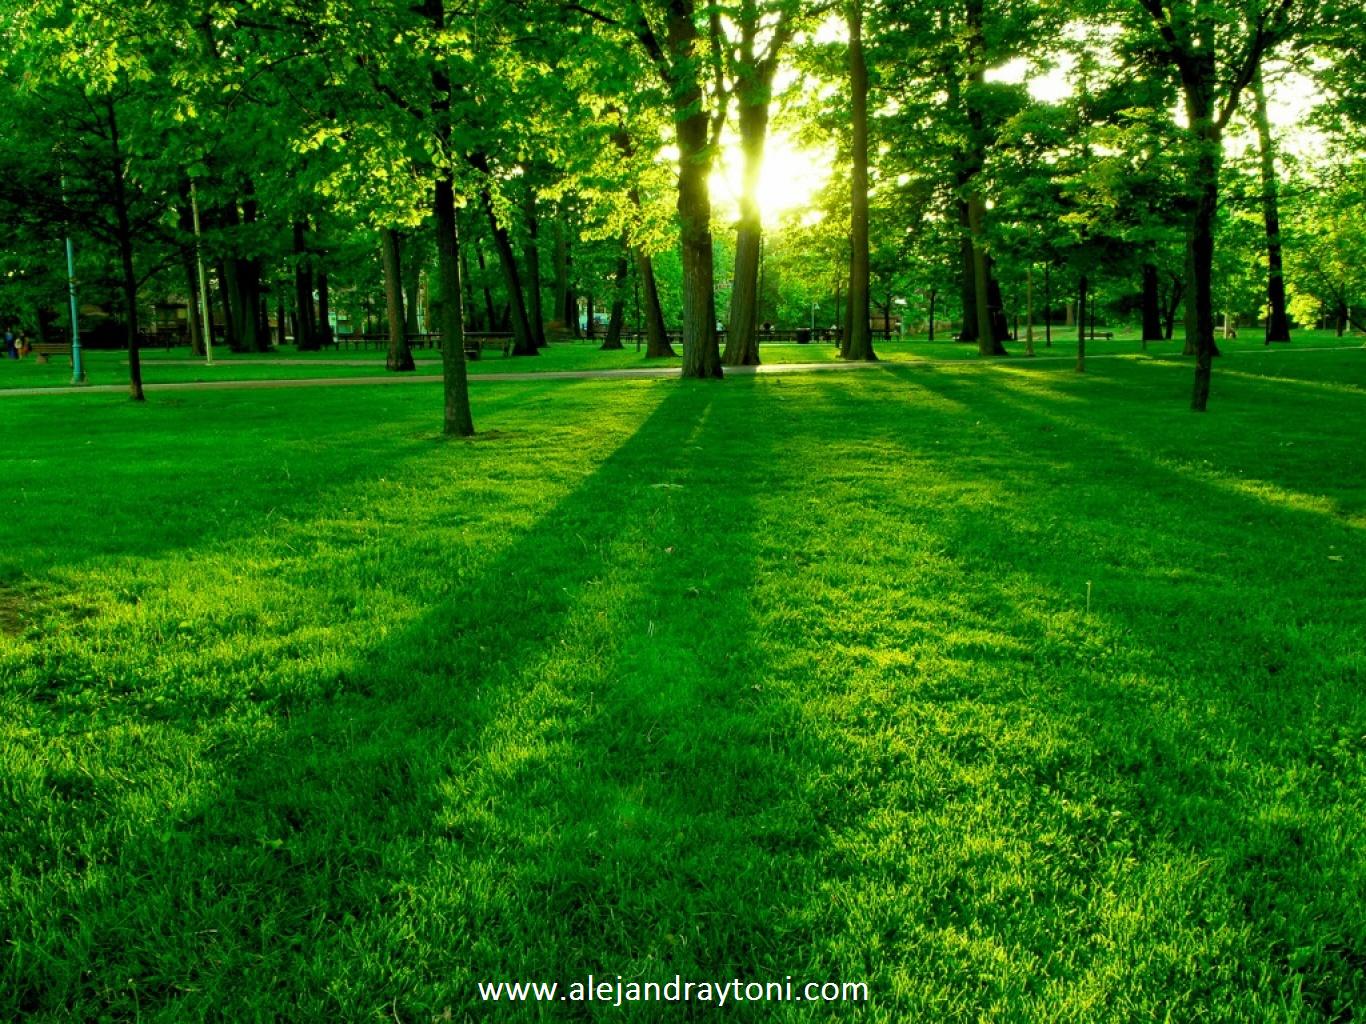 La pradera hace que mi alma se llene de paz, una paz intensa y profunda como el hermoso mar...